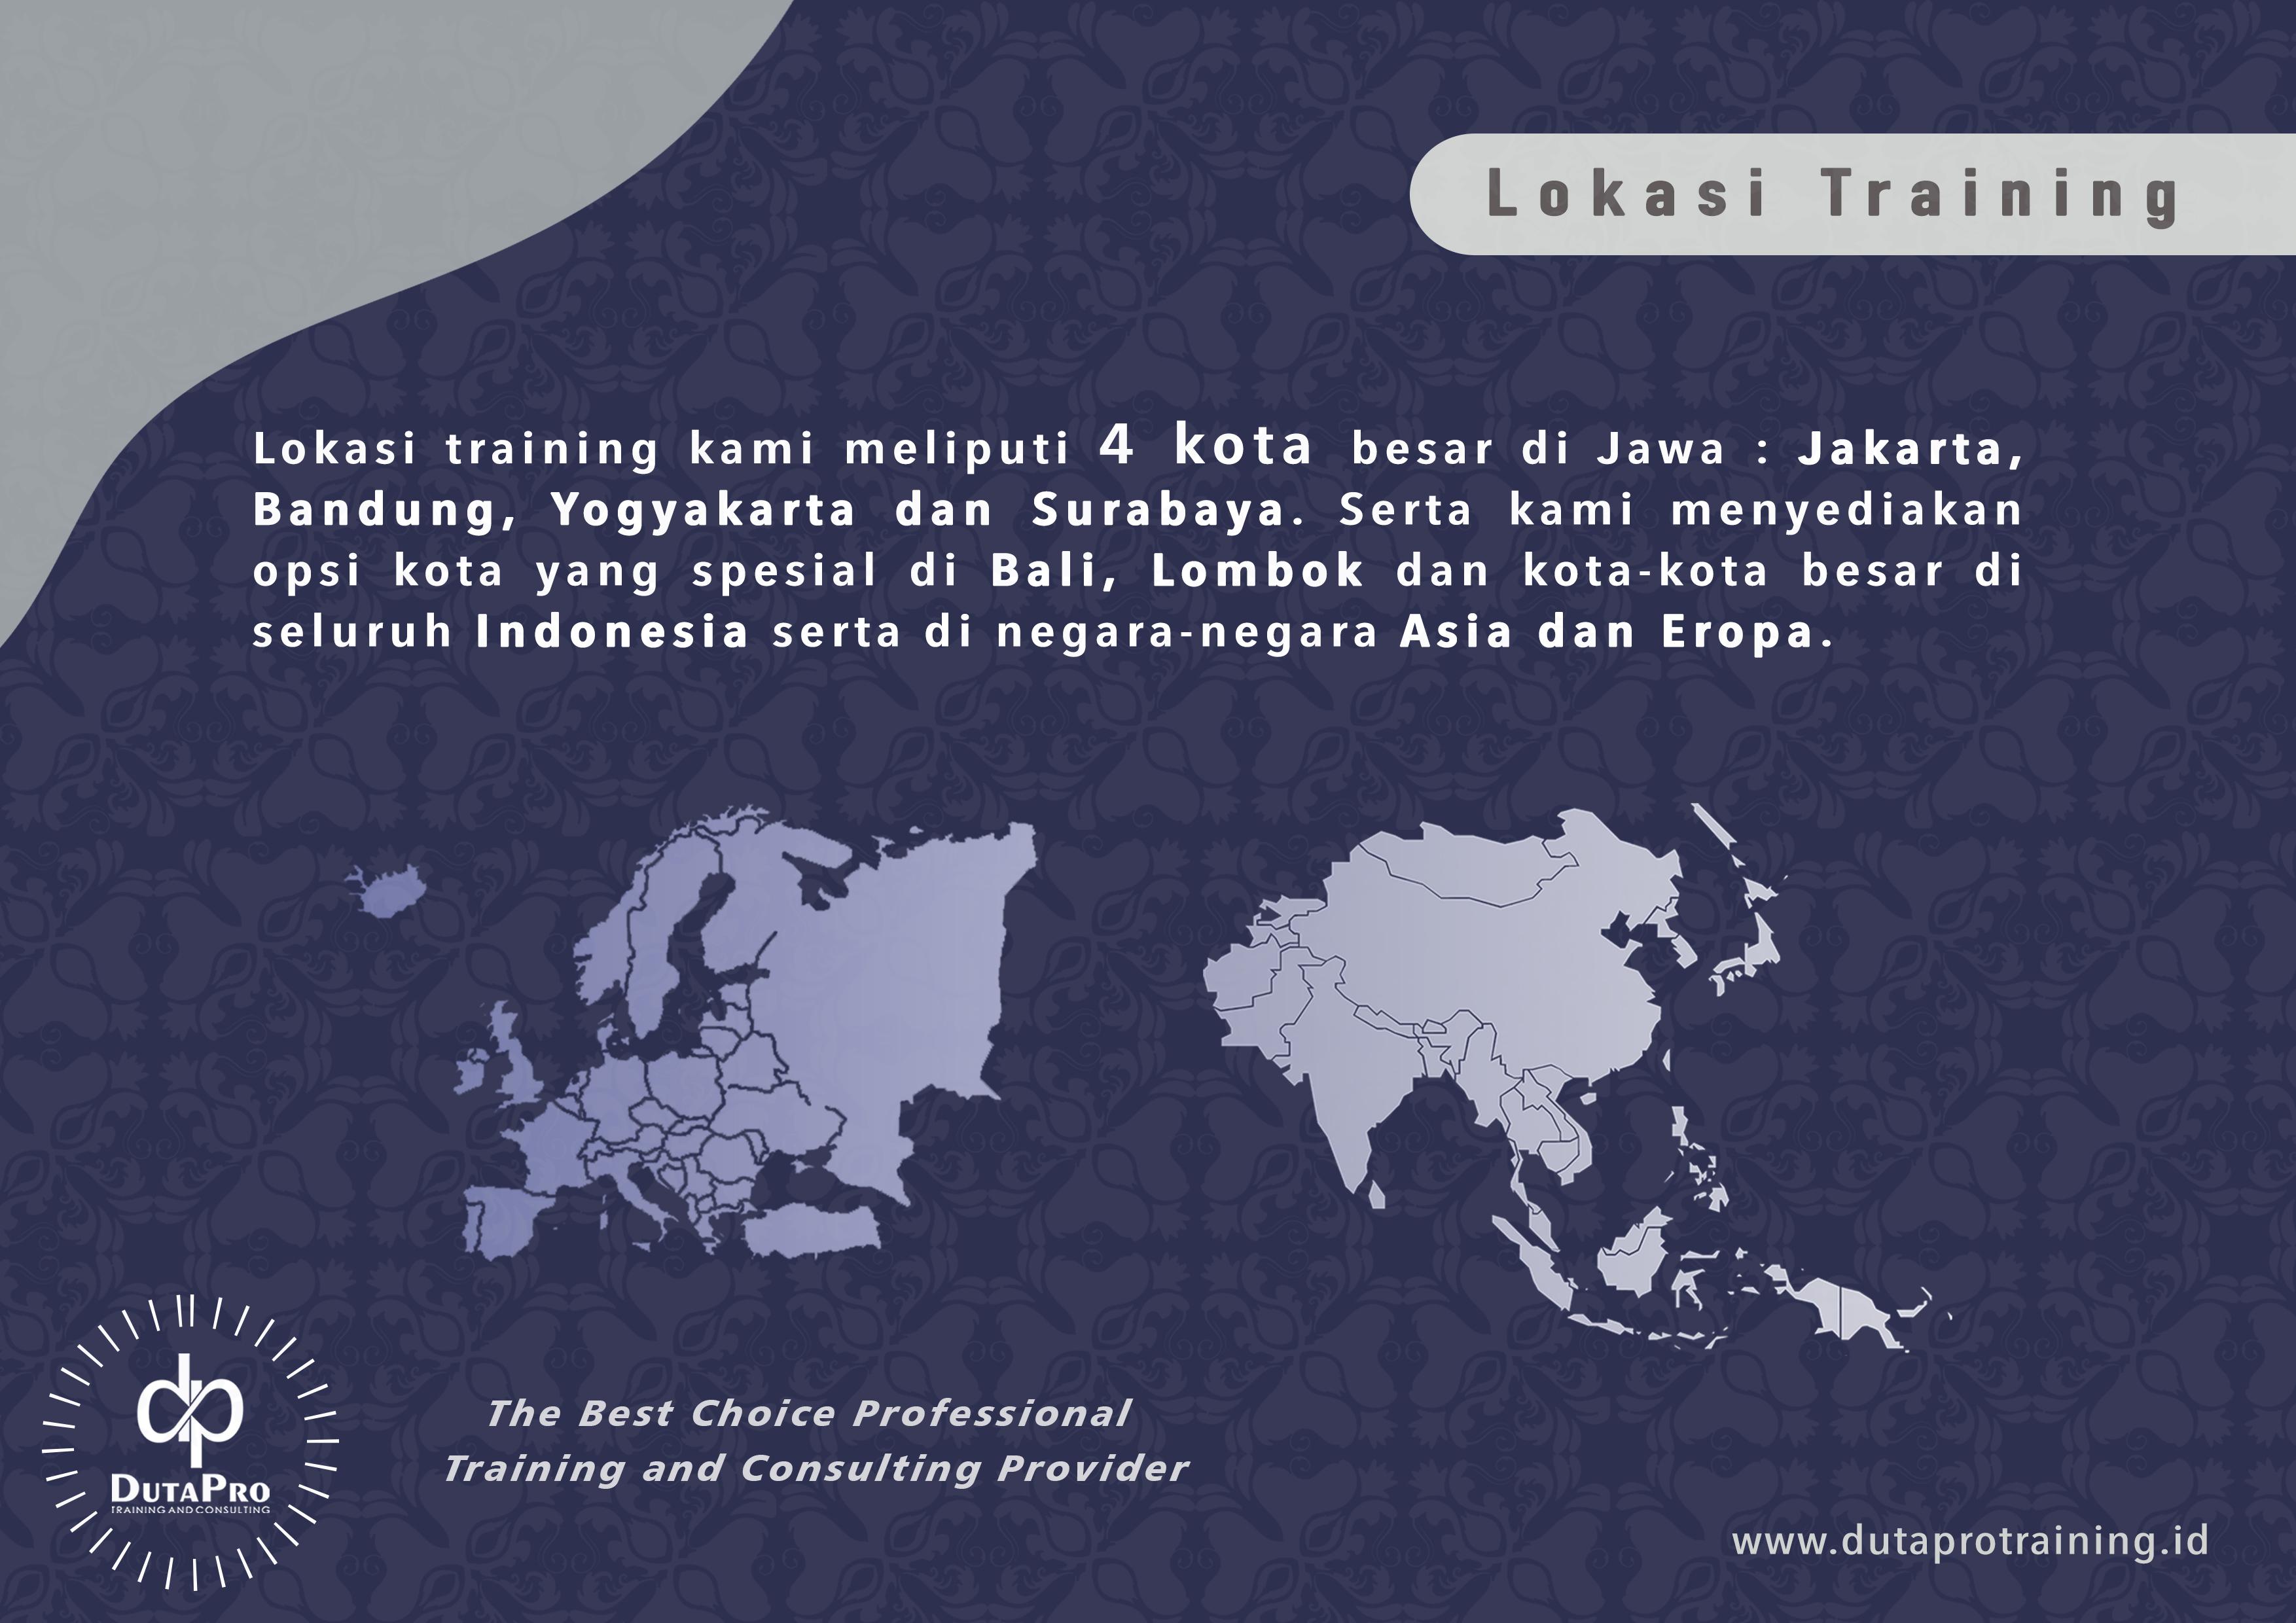 Lokasi-Training Duta Pro